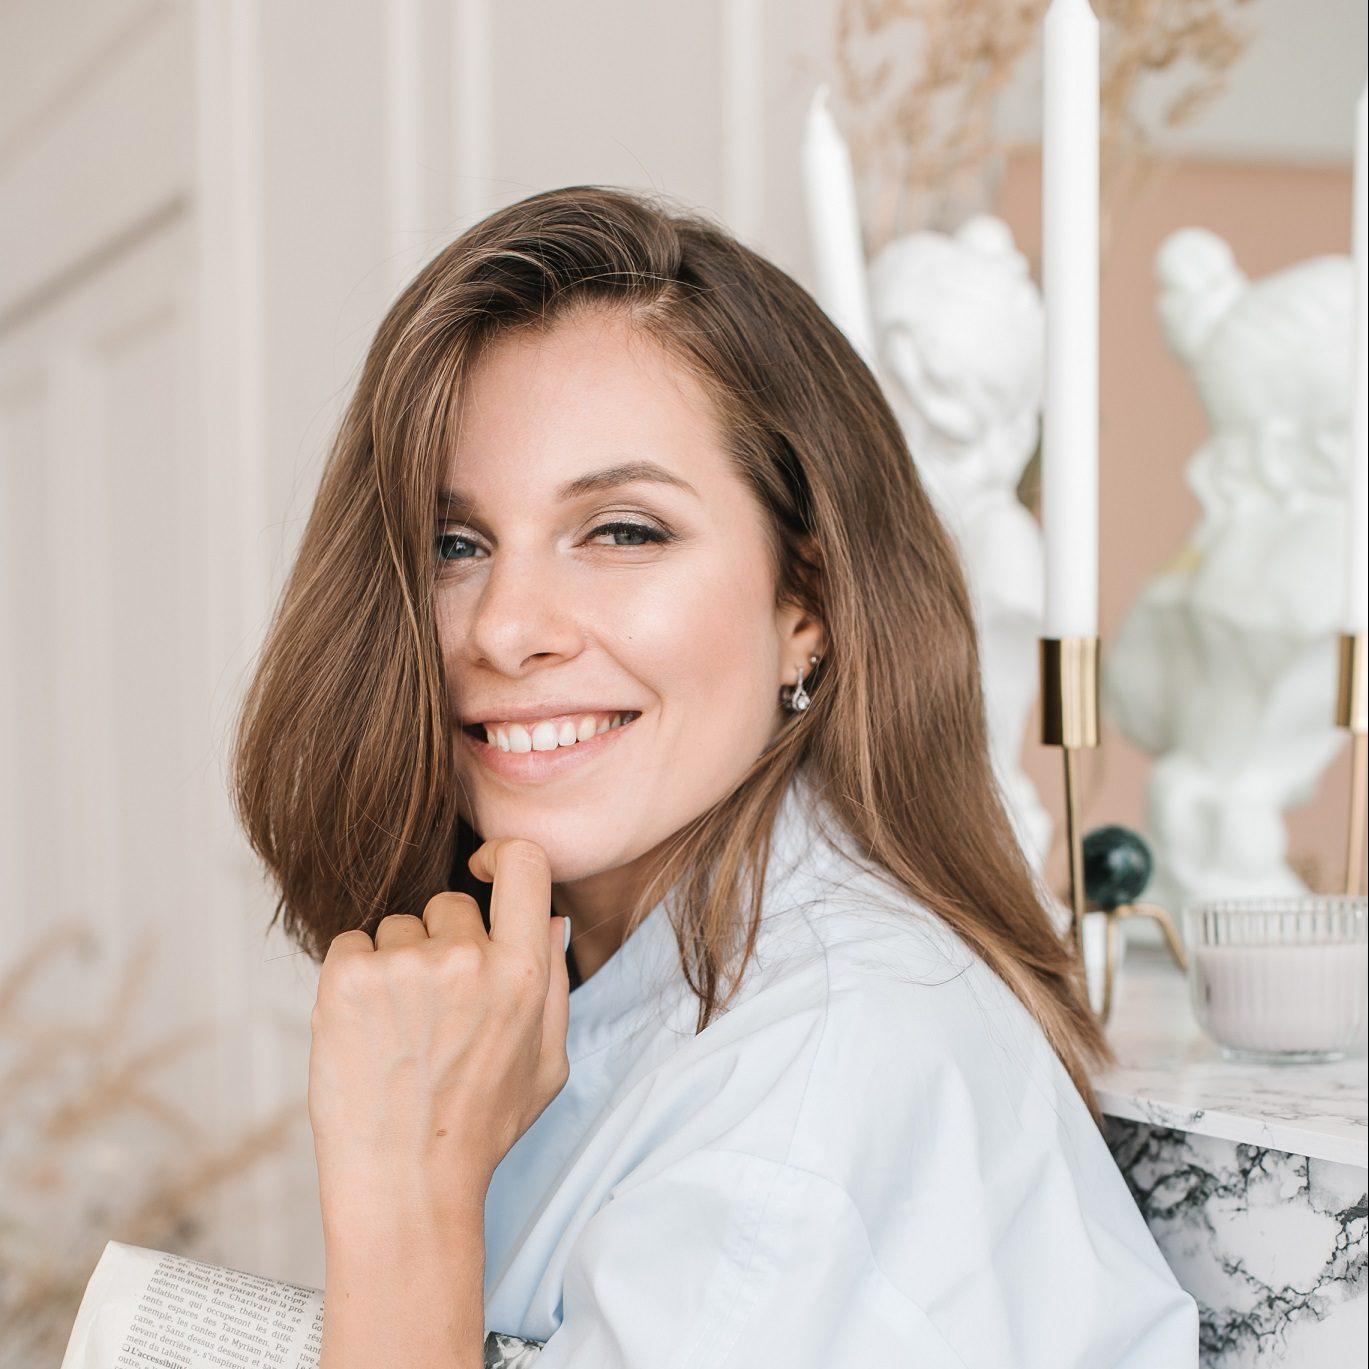 Kate Tarasova